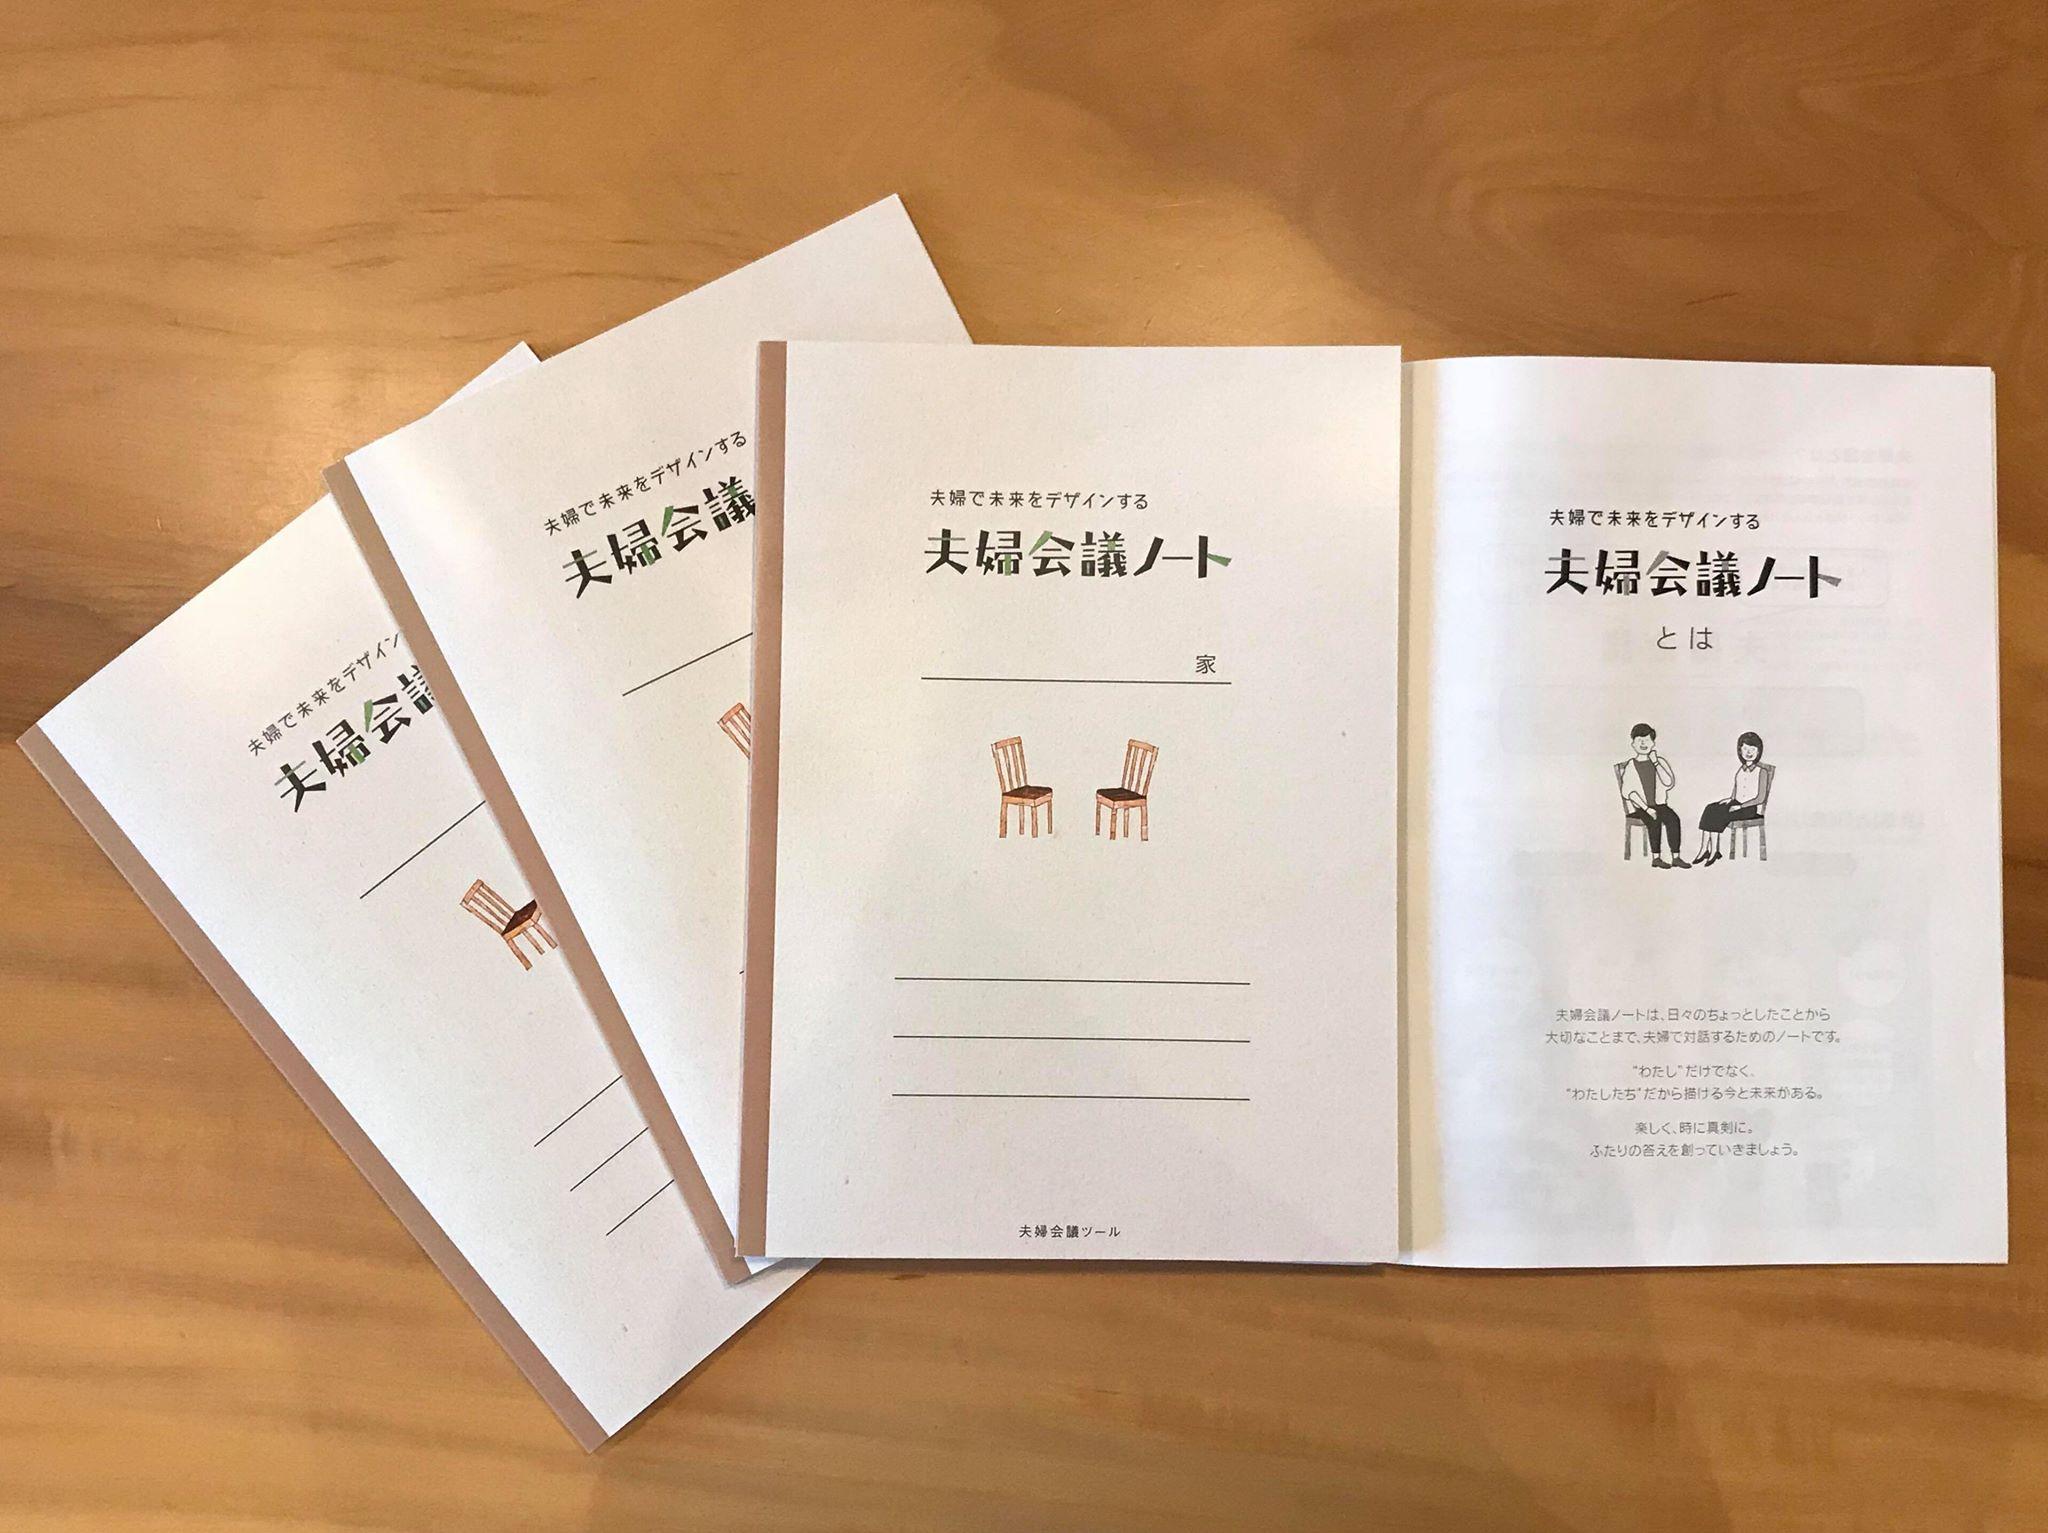 先行予約分の「夫婦会議ノート」発送開始! 〜 一般販売は「11/22」から開始 〜